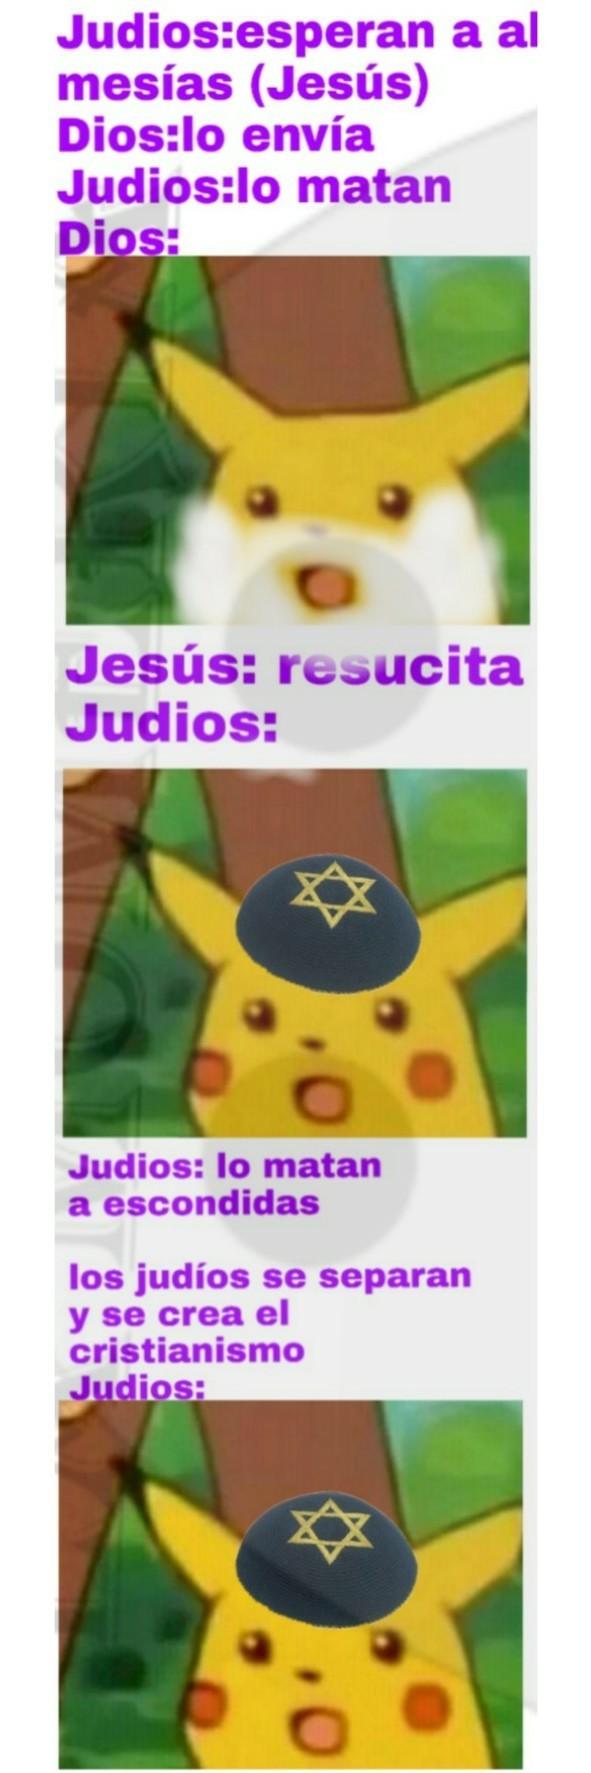 Kajsnwkw - meme